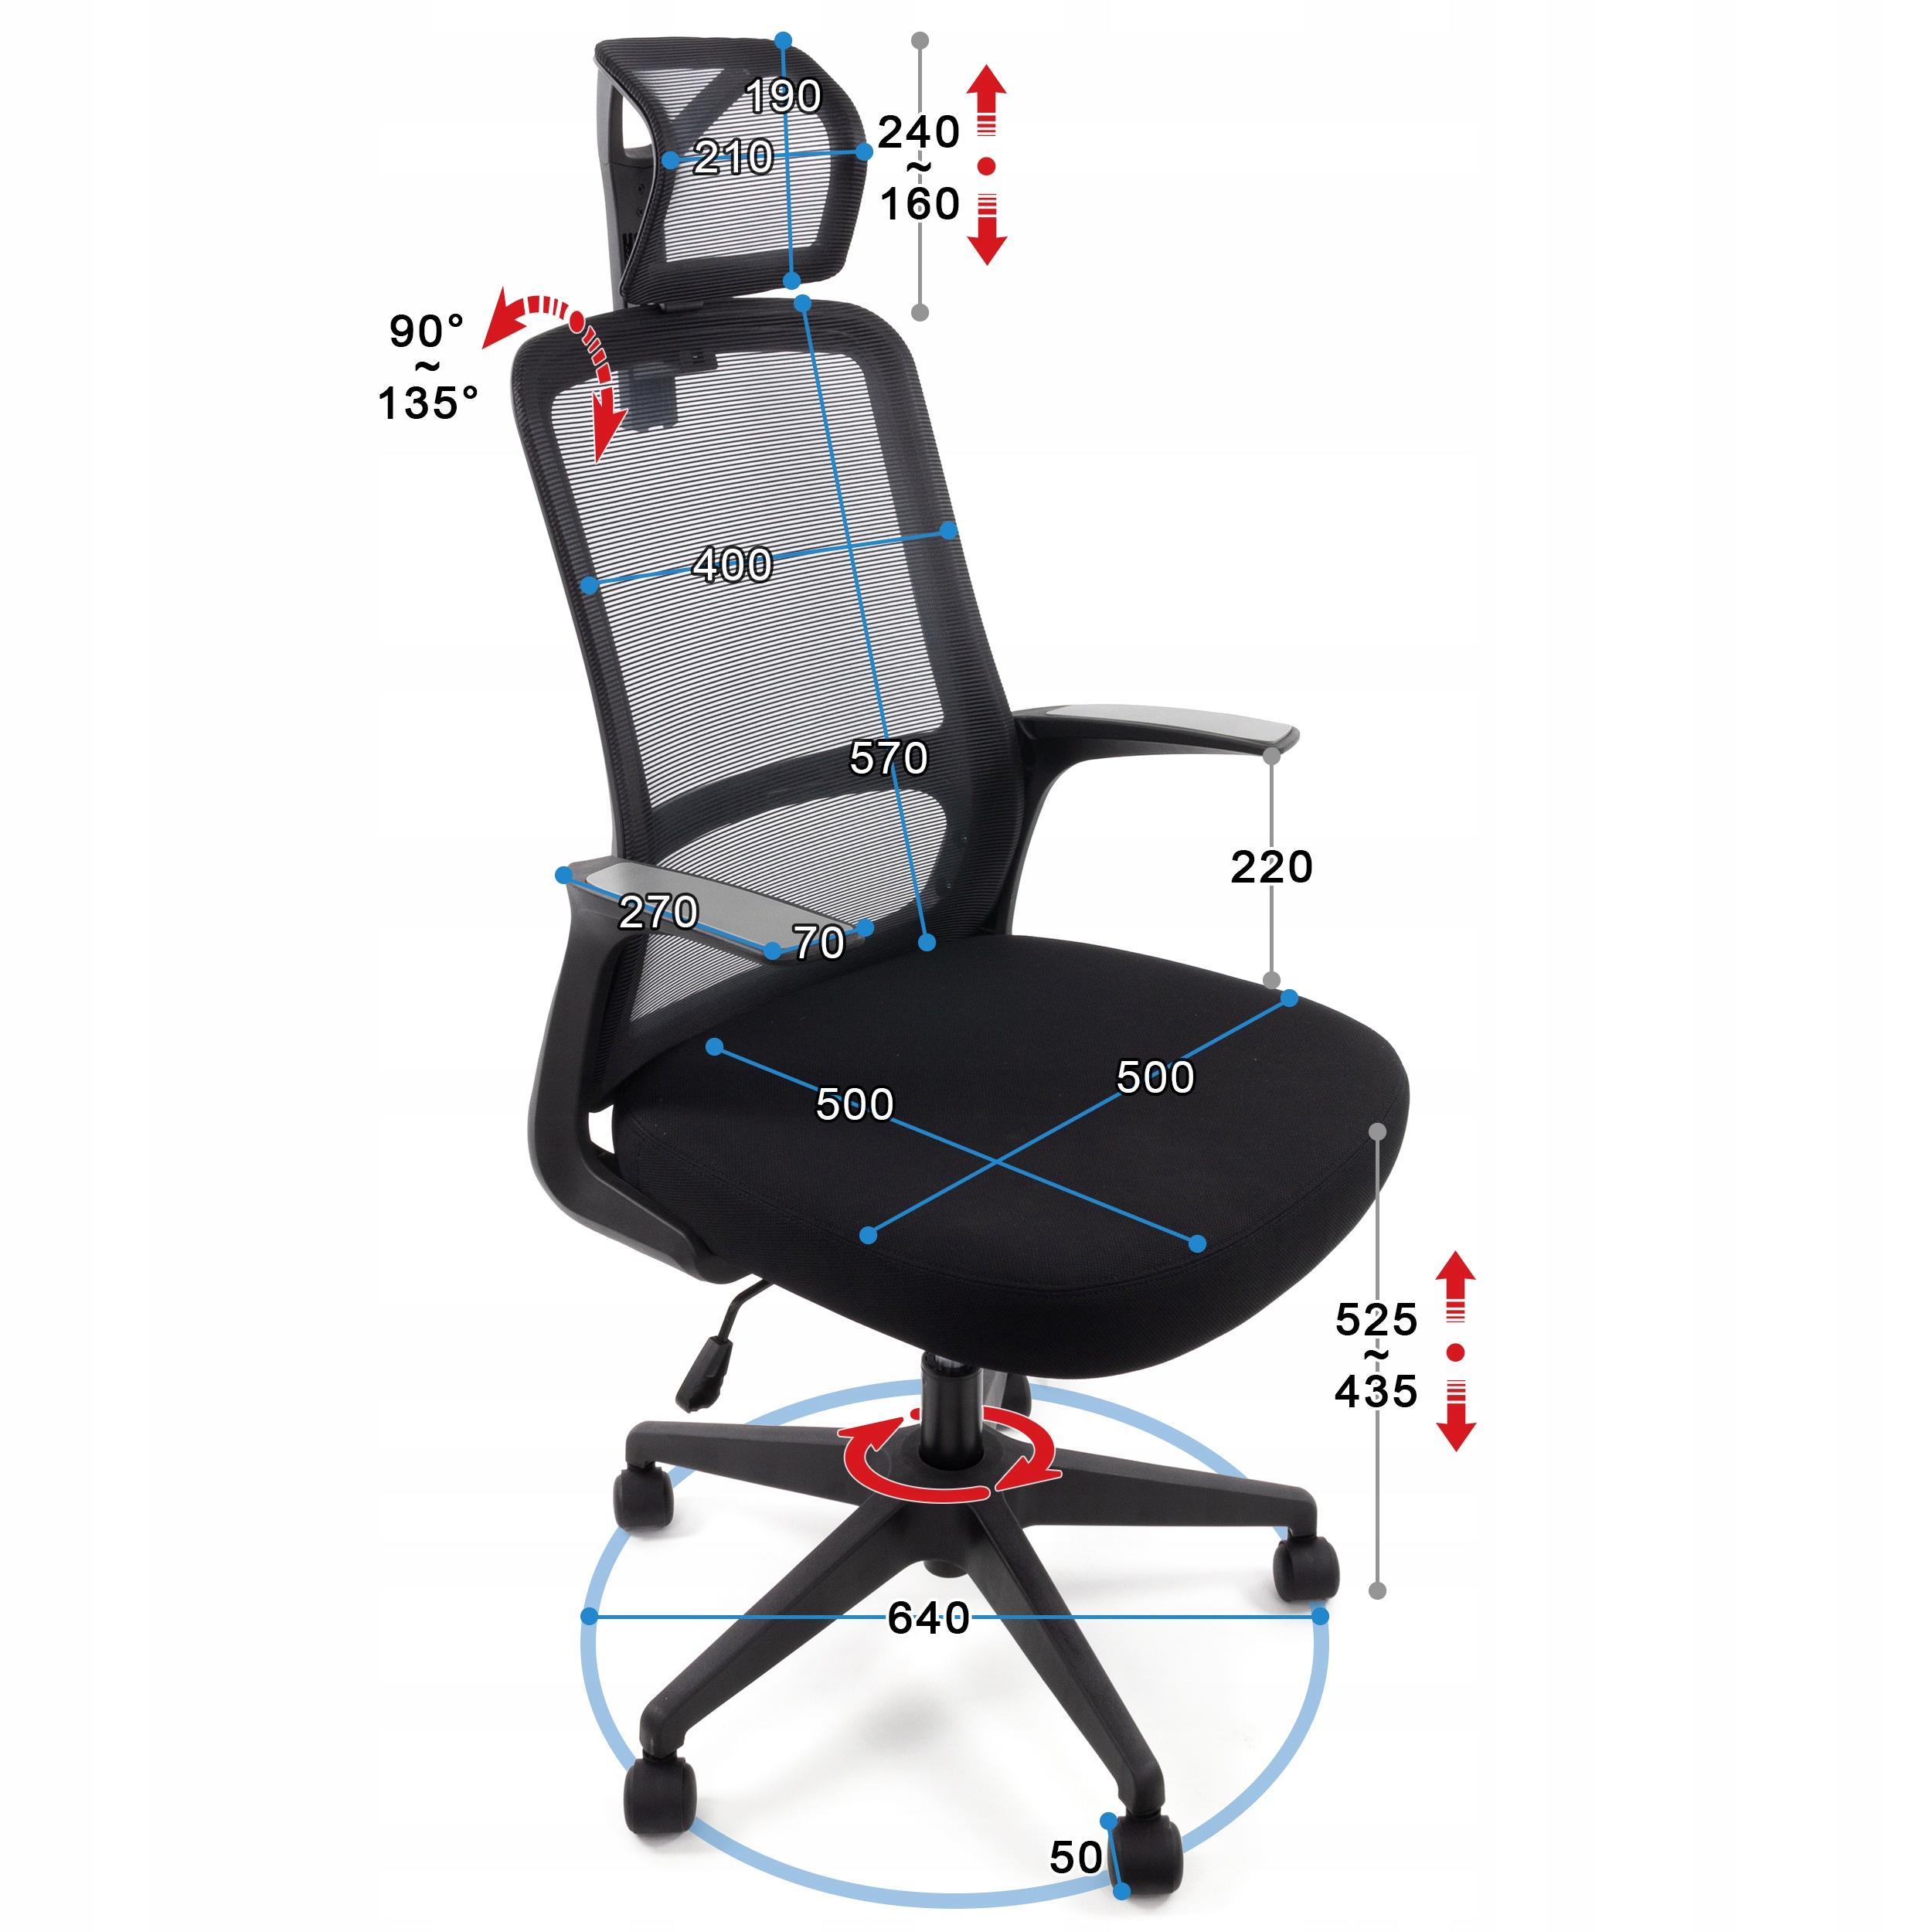 Ергономічний офісний стілець Поворотне крісло AMO-90 Колір оббивки чорний